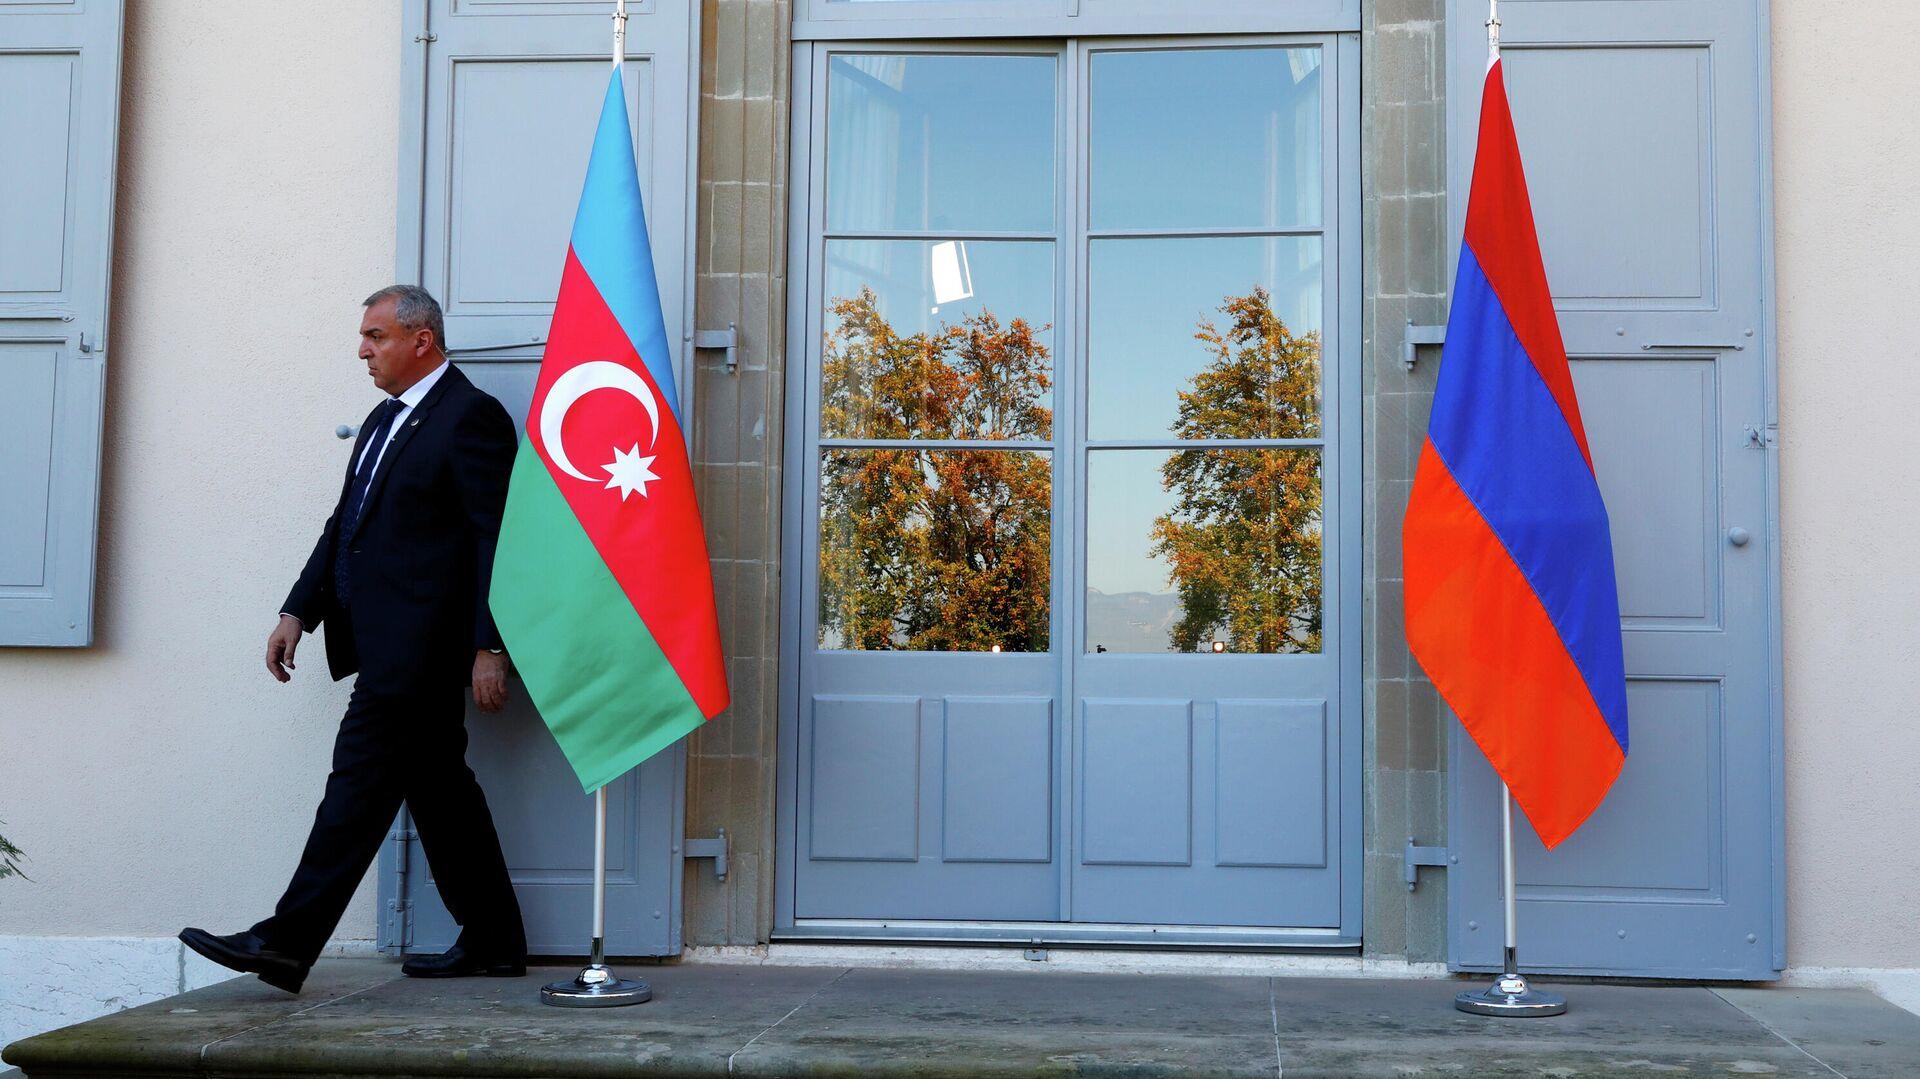 Флаги Азербайджана и Армении - РИА Новости, 1920, 05.10.2020